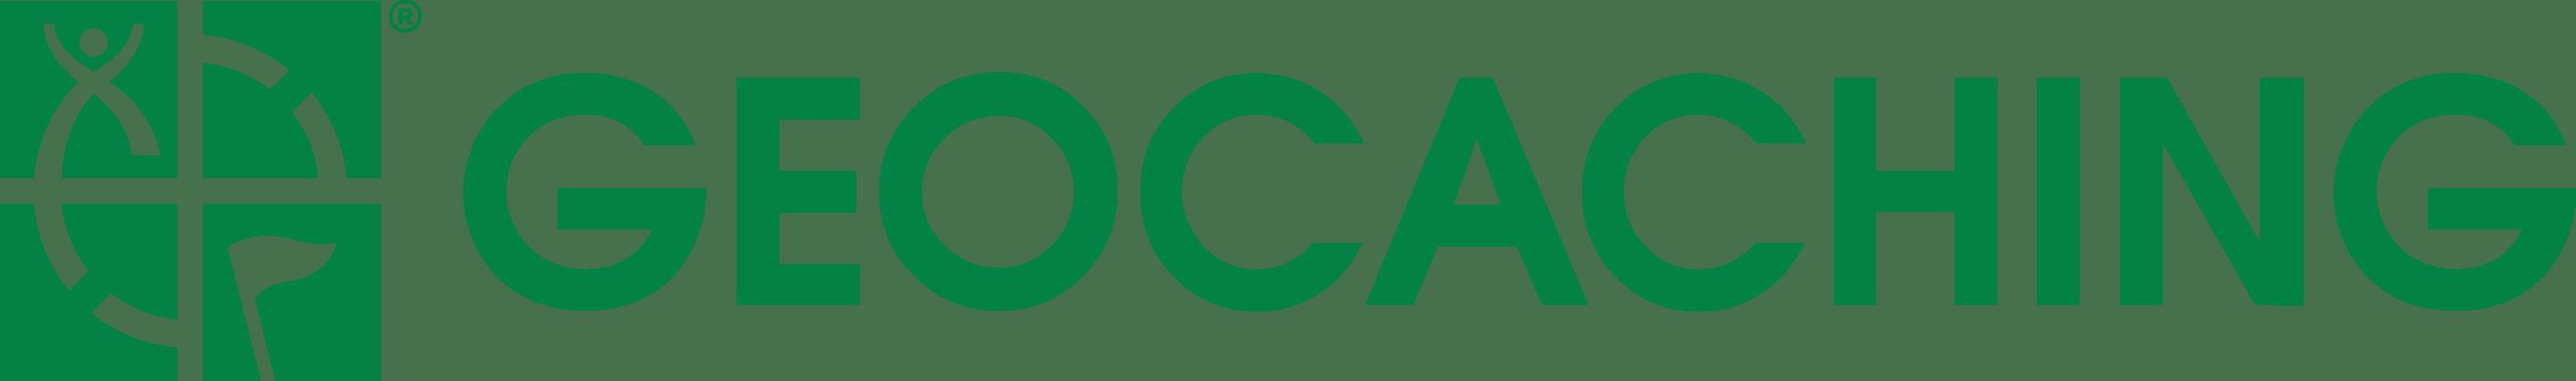 Geocaching Logo png